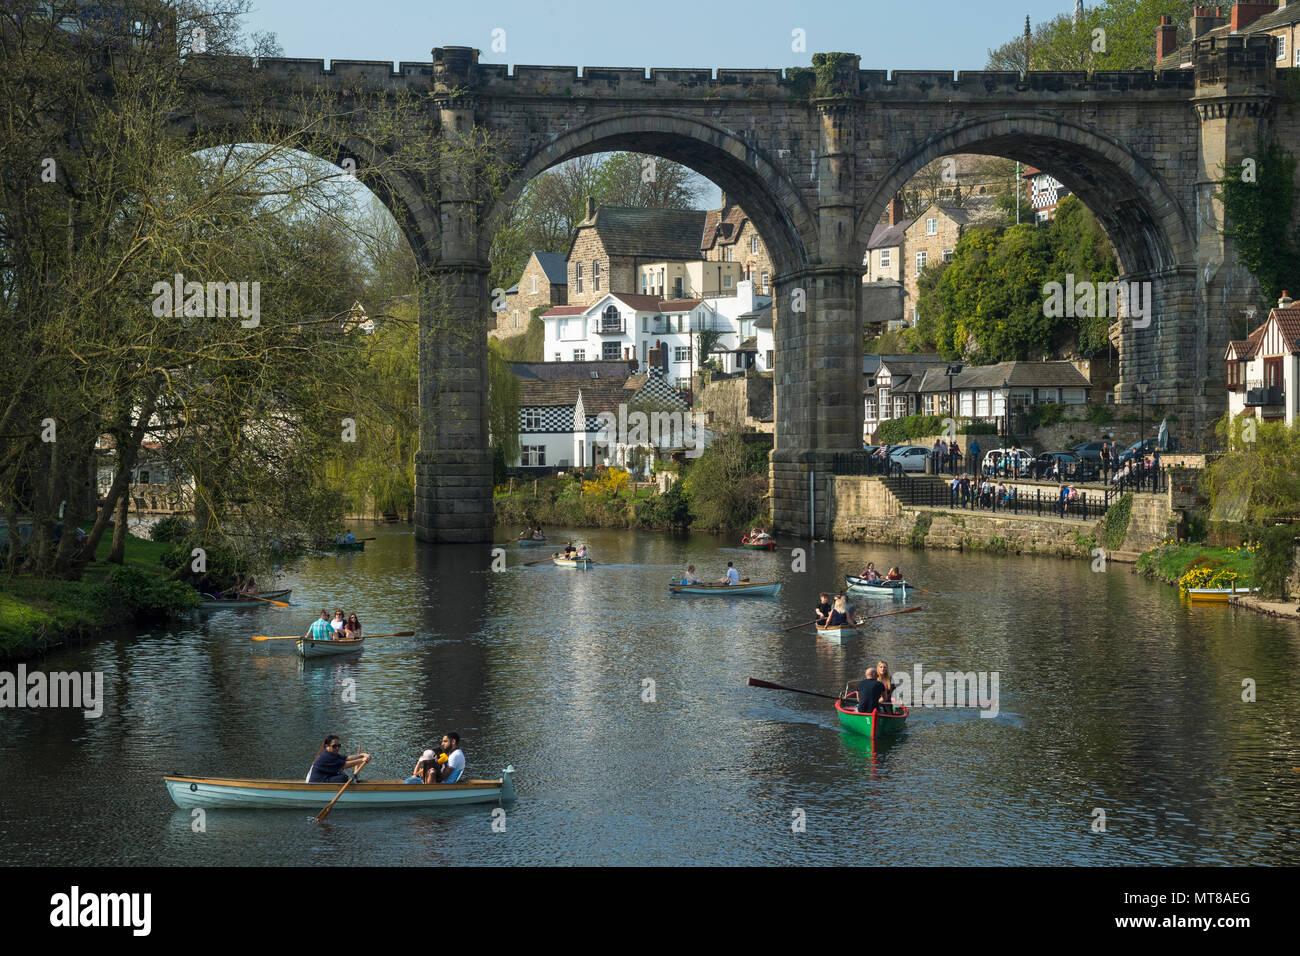 Persone rilassante da riverside & barca a remi sul fiume Nidd sotto il cielo blu - scenic estiva soleggiata vista dal ponte, Knaresborough, Inghilterra, Regno Unito. Immagini Stock